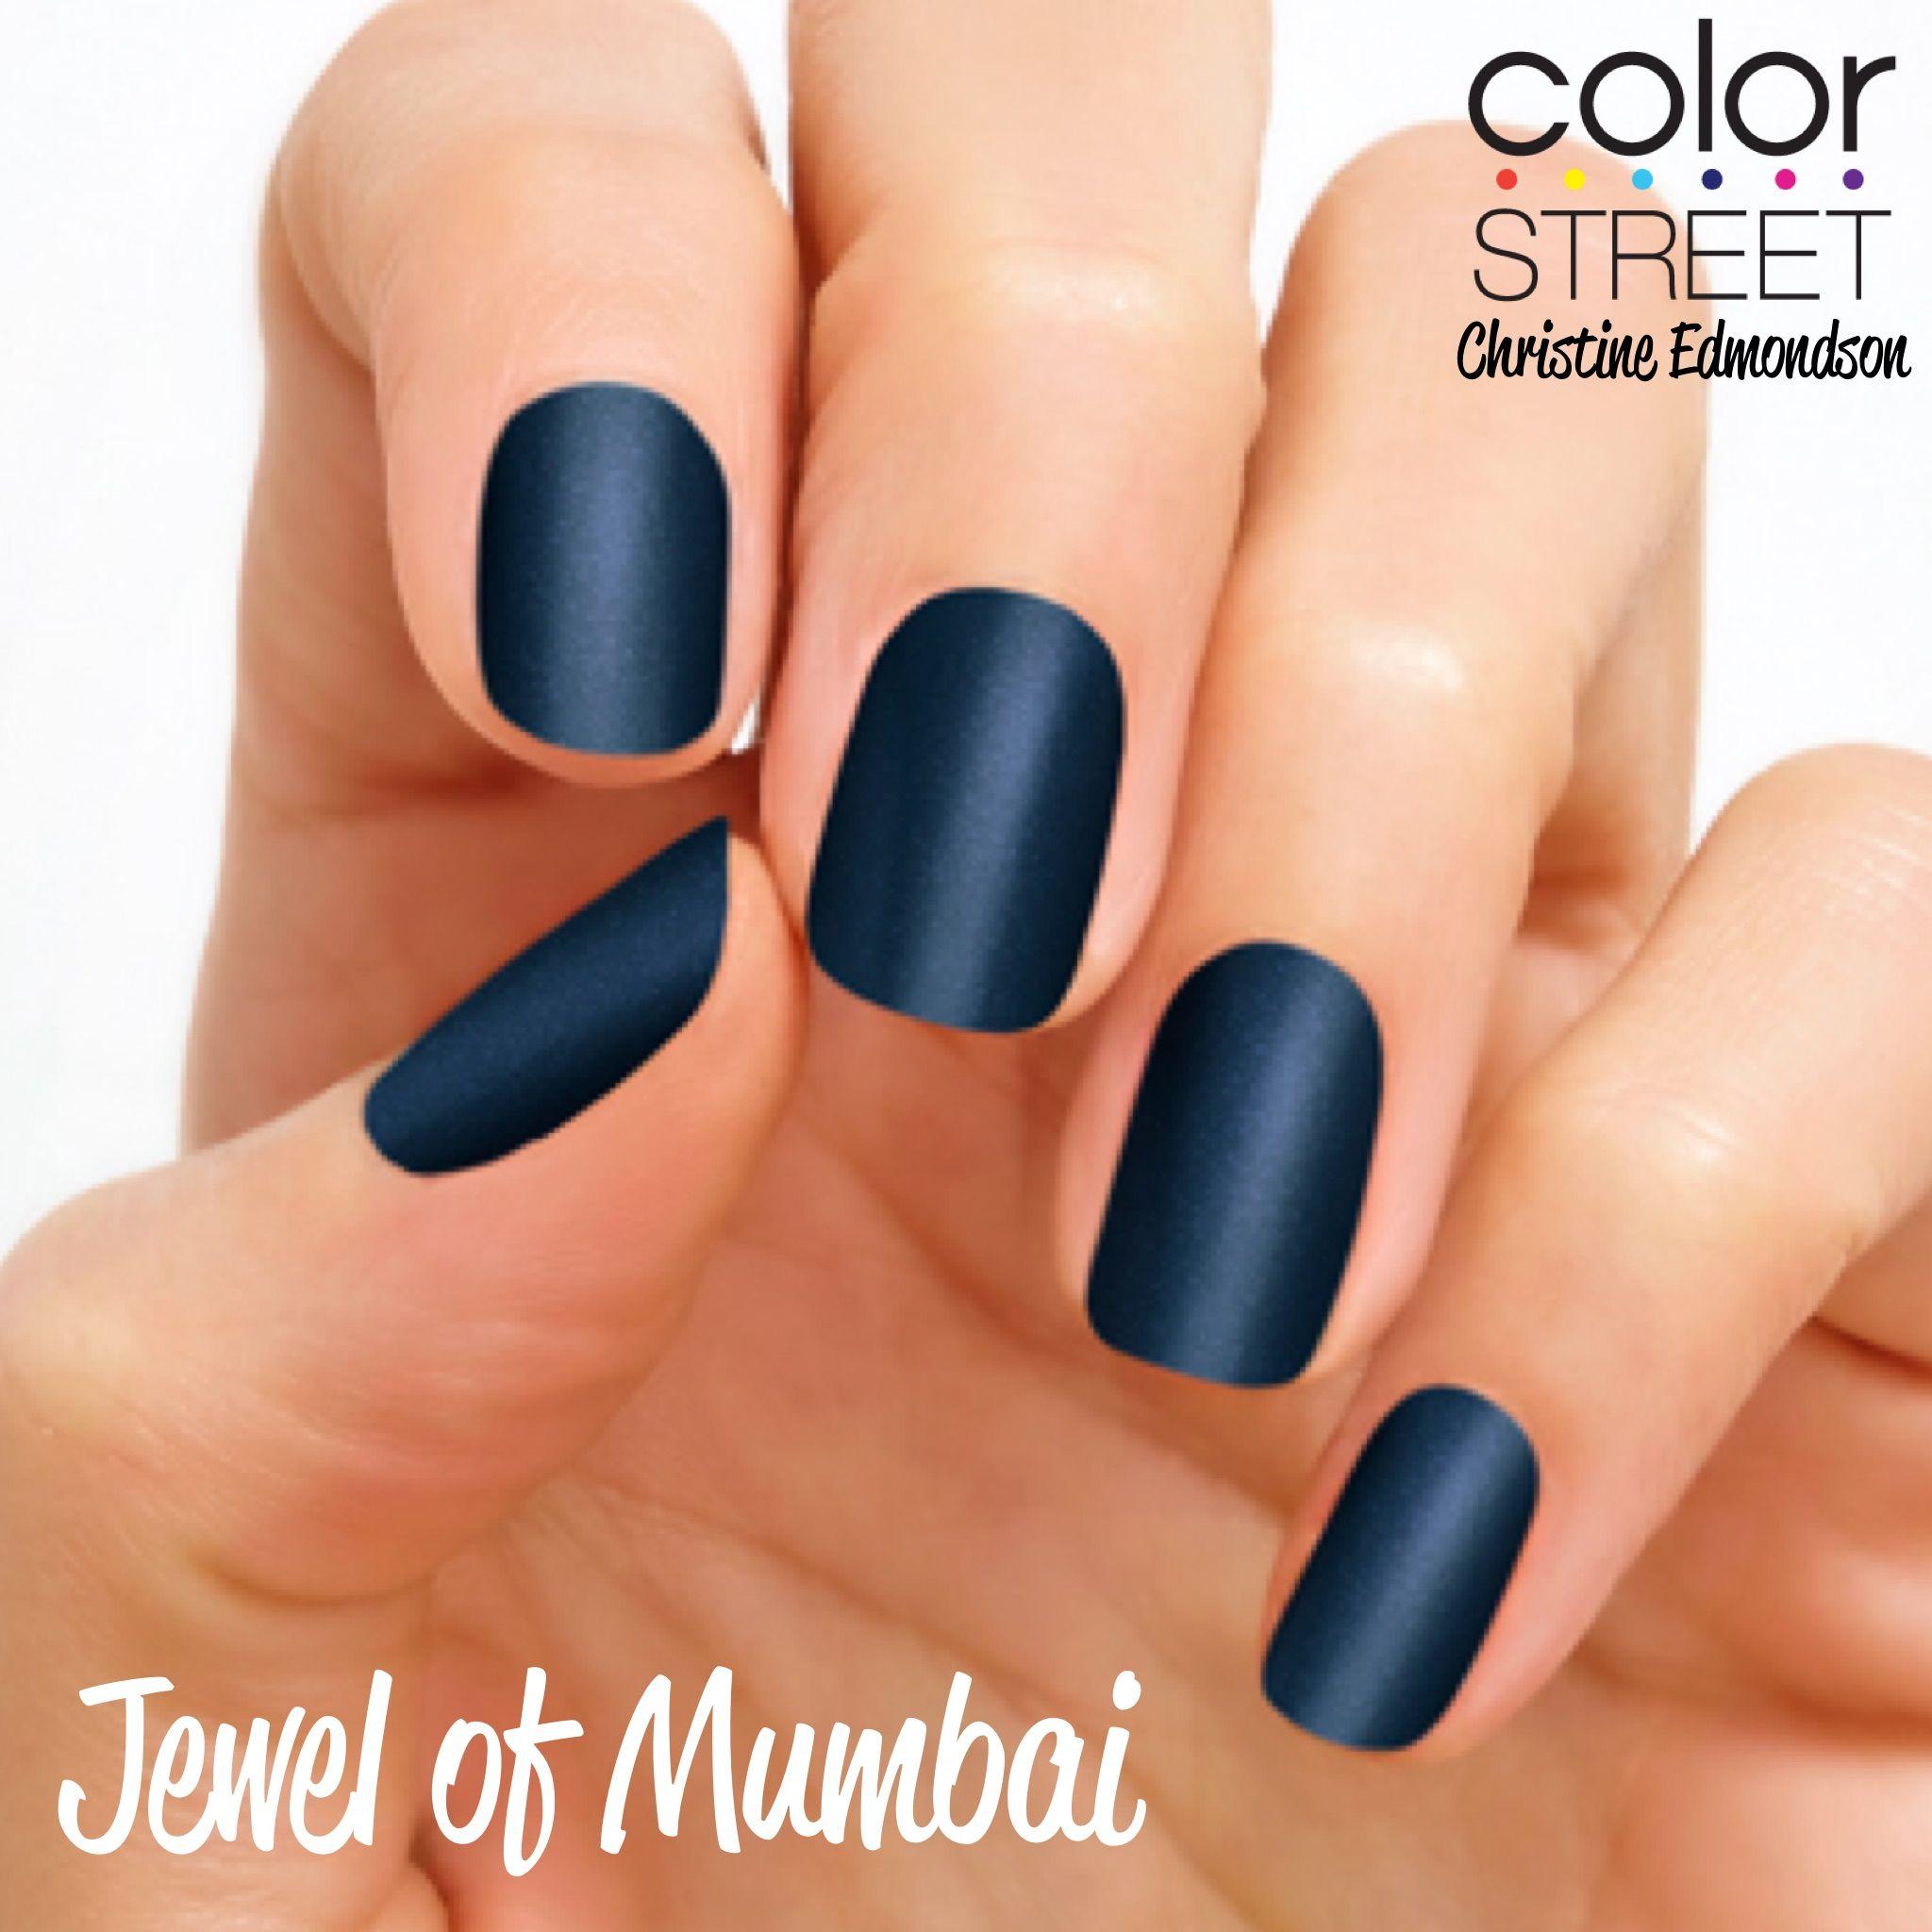 Jewel of Mumbai - 100% nail polish strips that require NO tools, NO ...